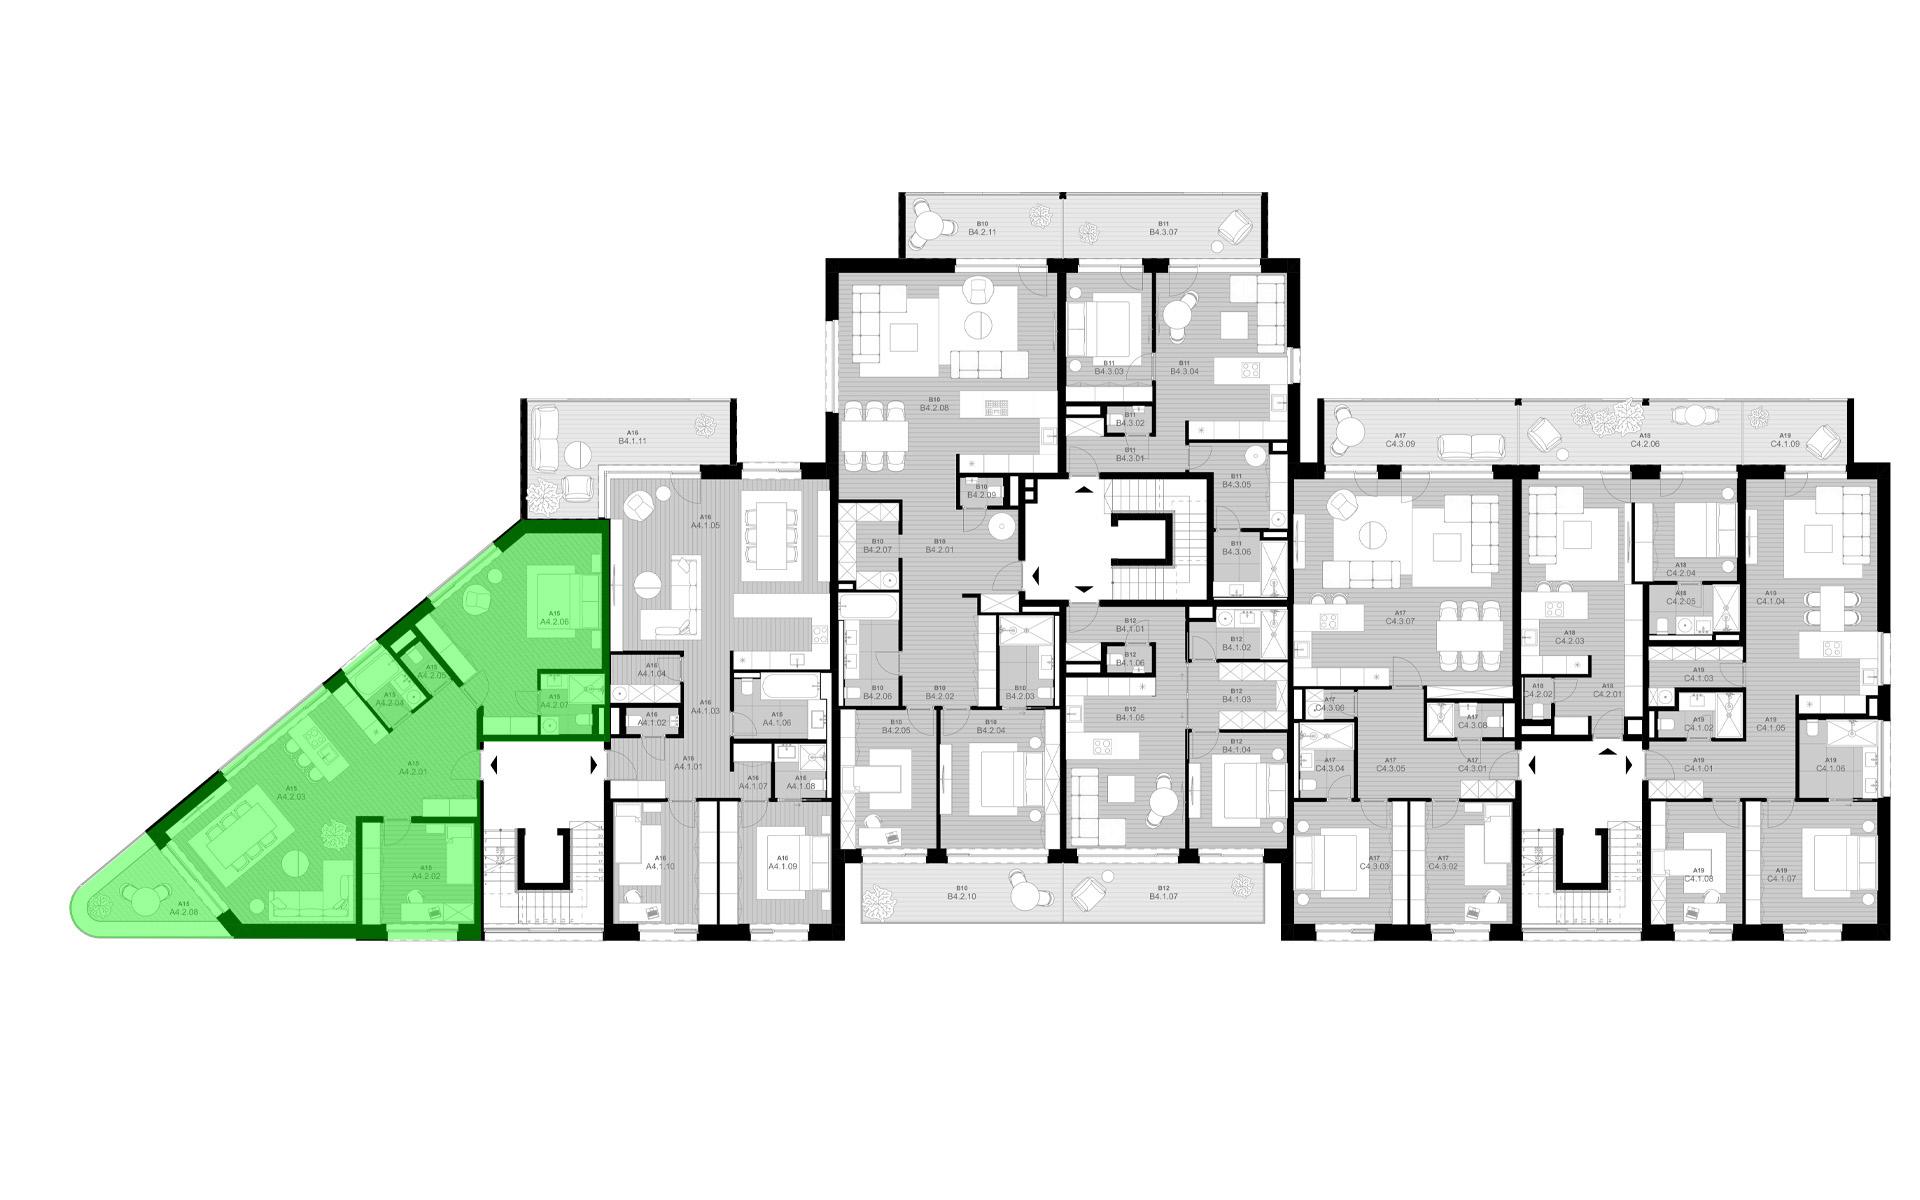 rezidencia K Železnej Studienke - pôdorys so zvýraznením apartmánu A4.2